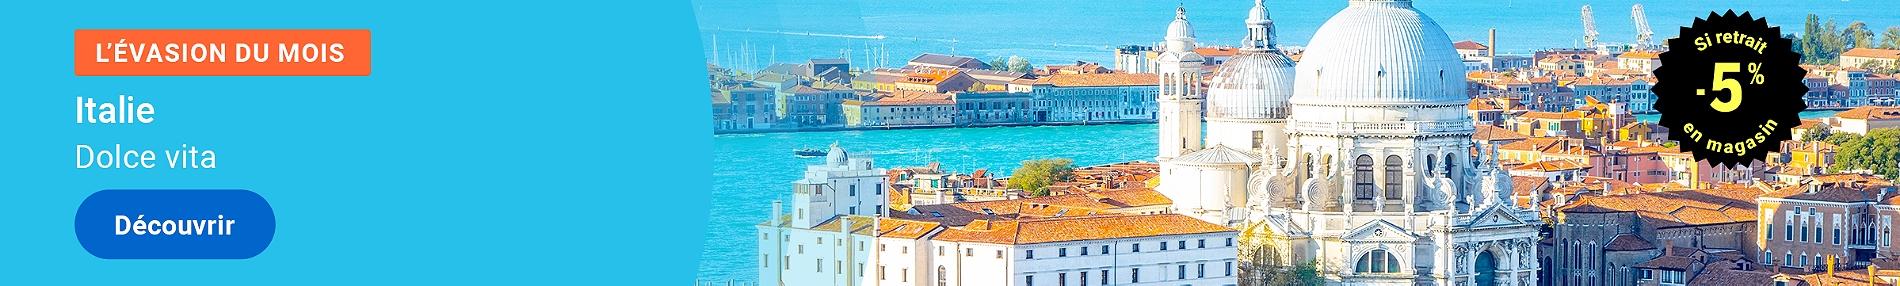 L'évasion du mois - Italie